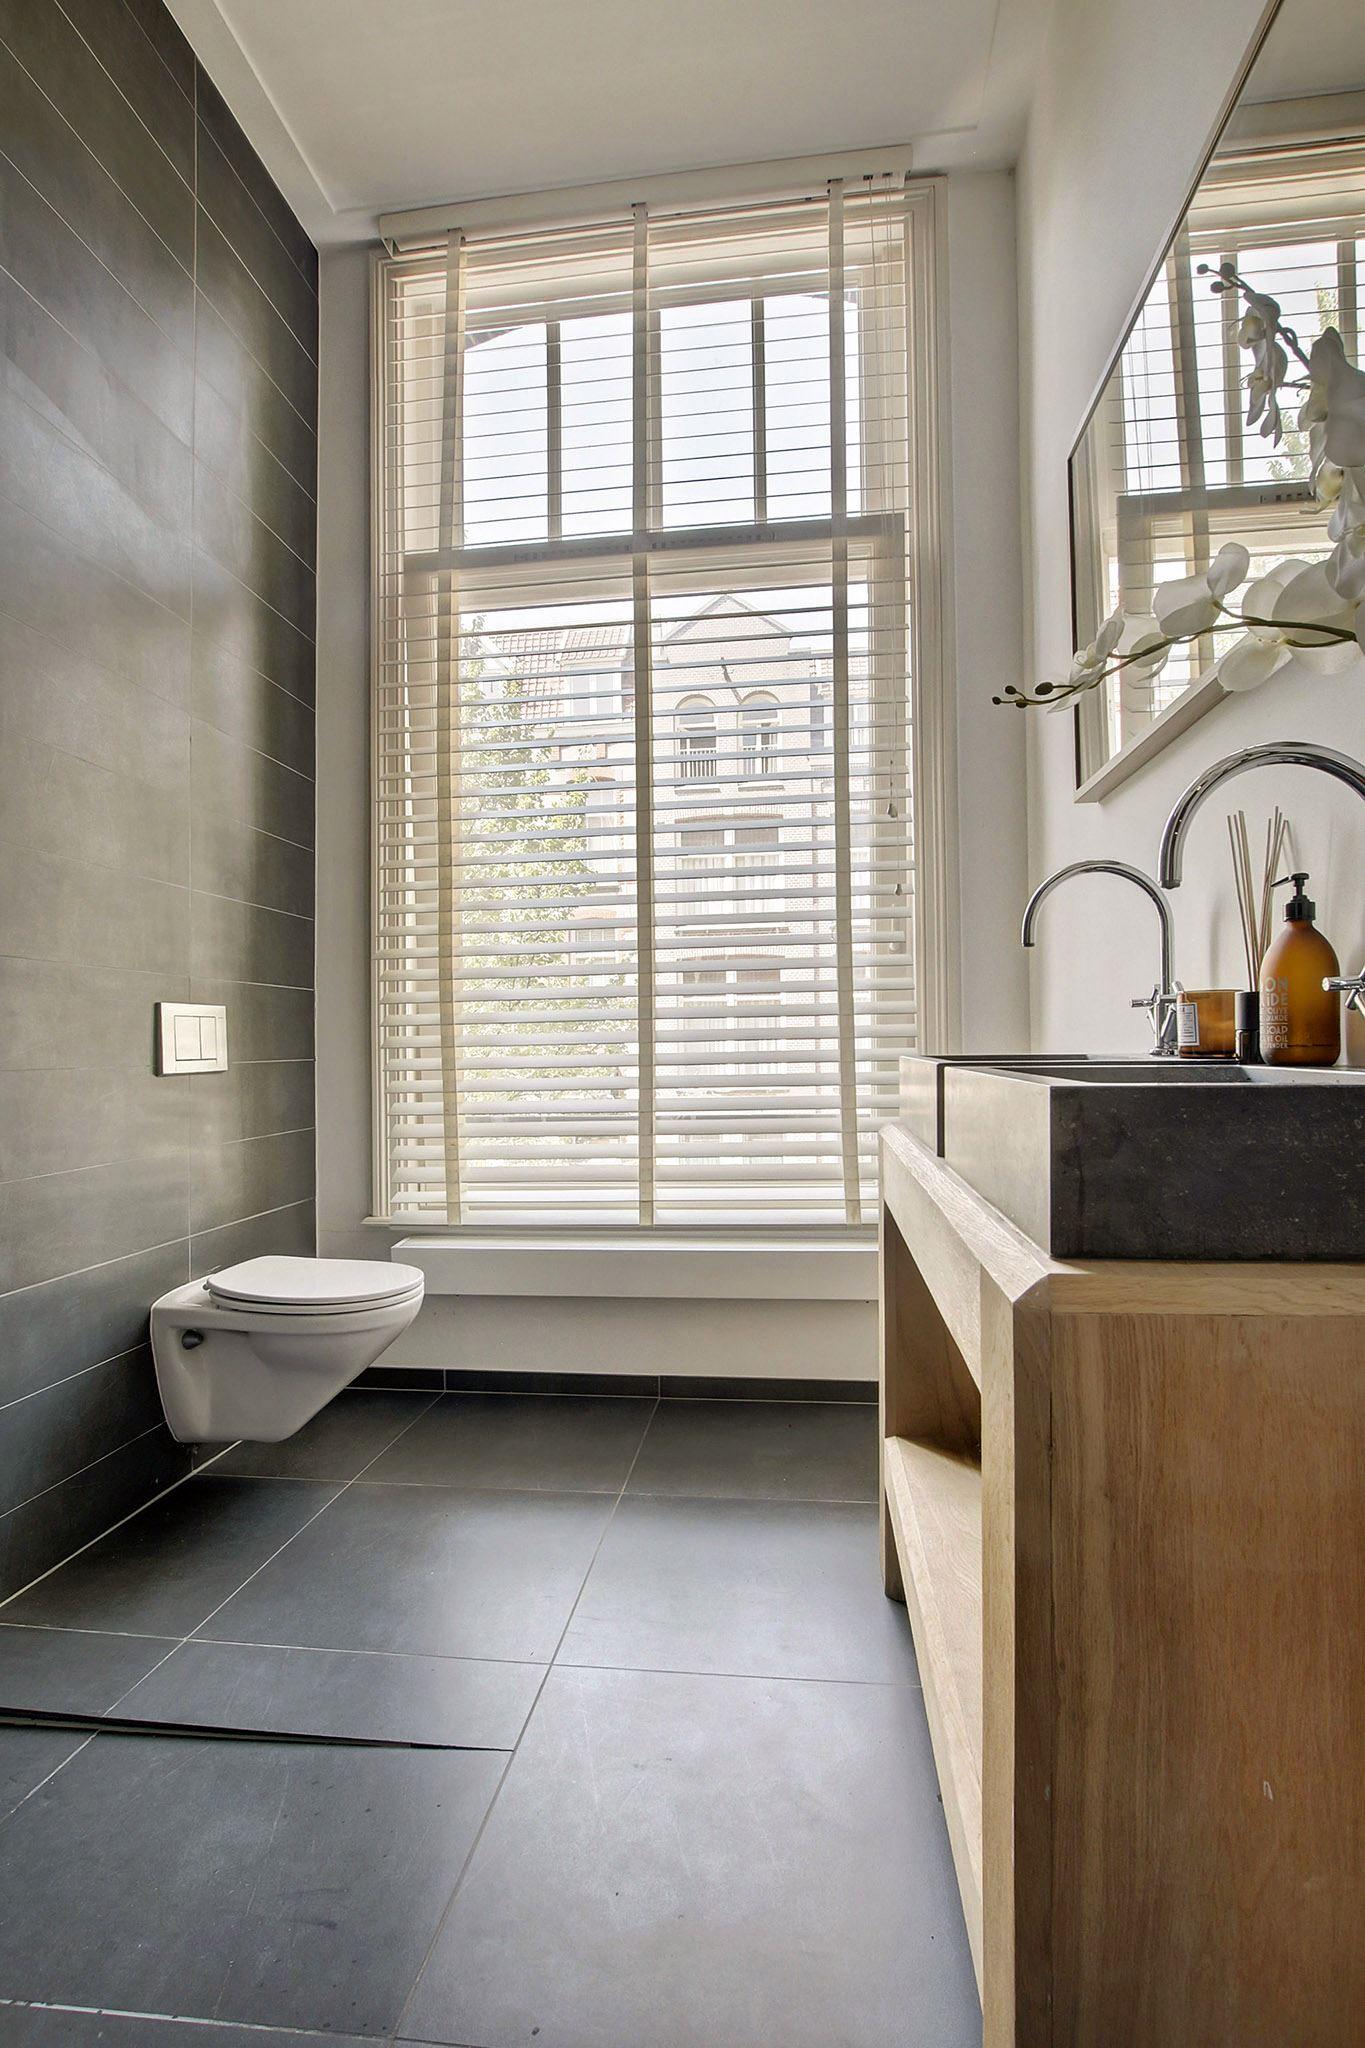 санузел душ трап двойная раковина смеситель зеркало окно жалюзи